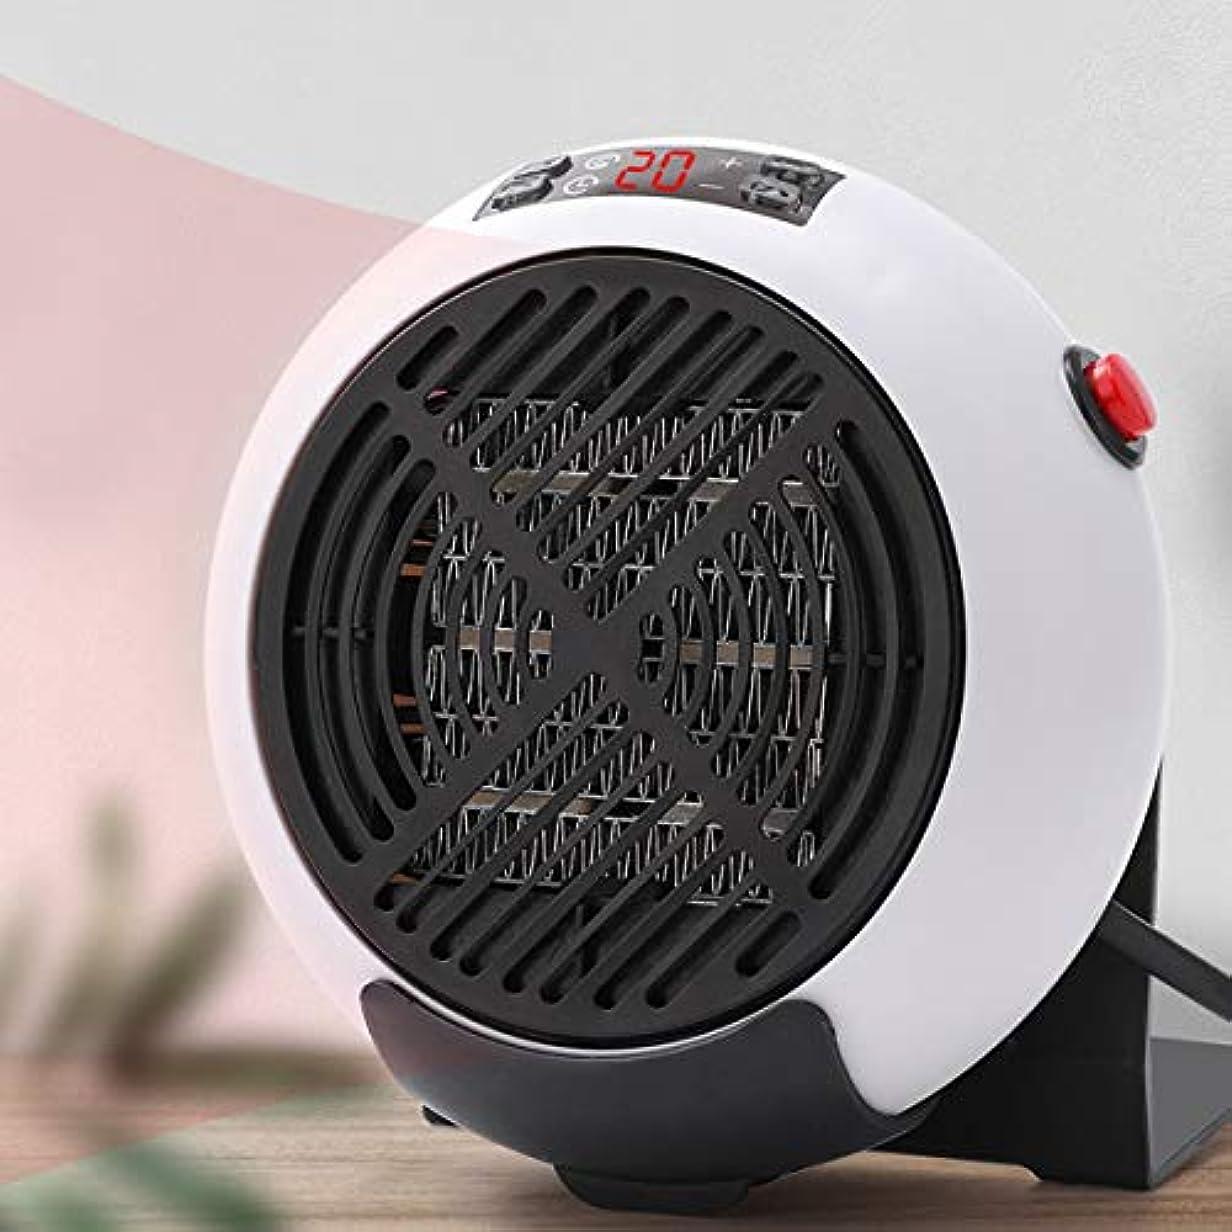 ギャザーカカドゥ環境に優しいミニヒーター セラミックヒーター 電気暖房器具 電気ファンヒーター 過熱保護 転倒保護 コンパクト 電源を入れて3秒程で温風になります 電気代が低い,110V